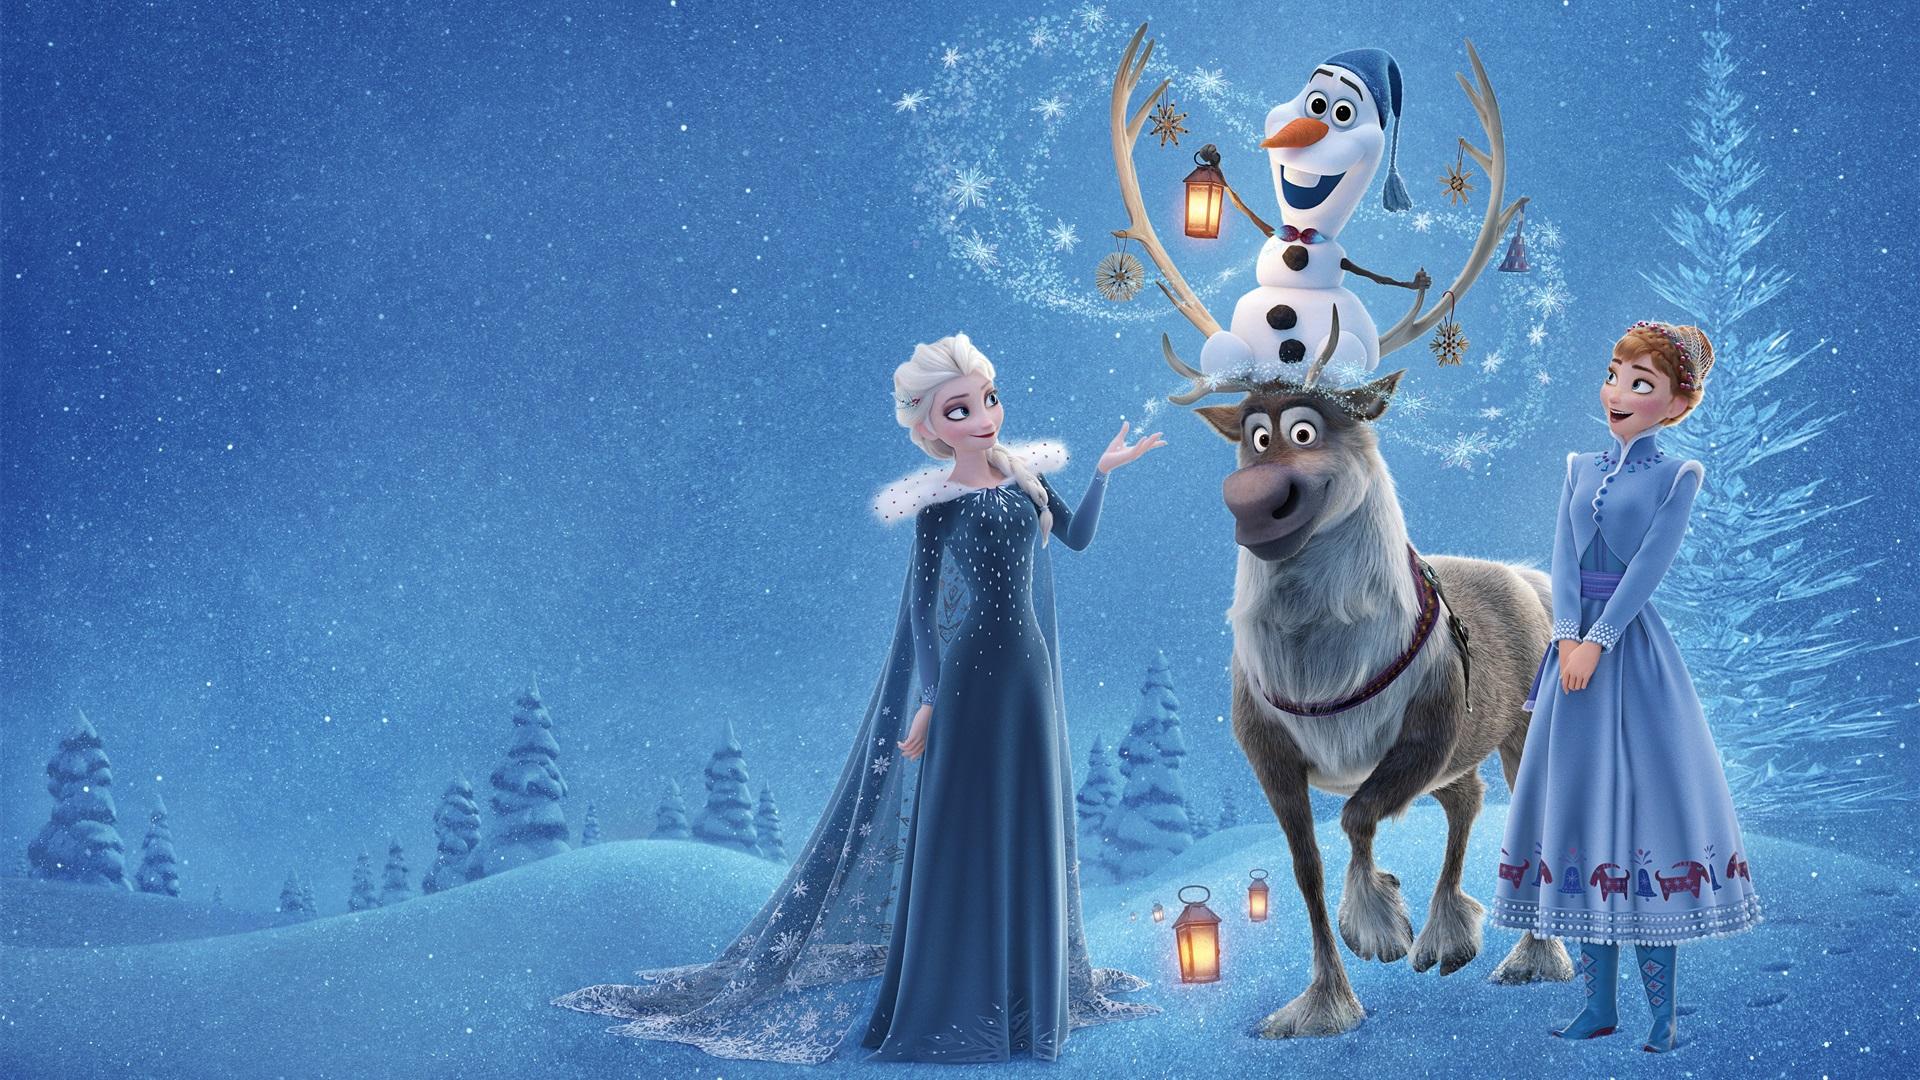 wallpaper frozen, elsa, anna, deer, snowman, disney cartoon movie